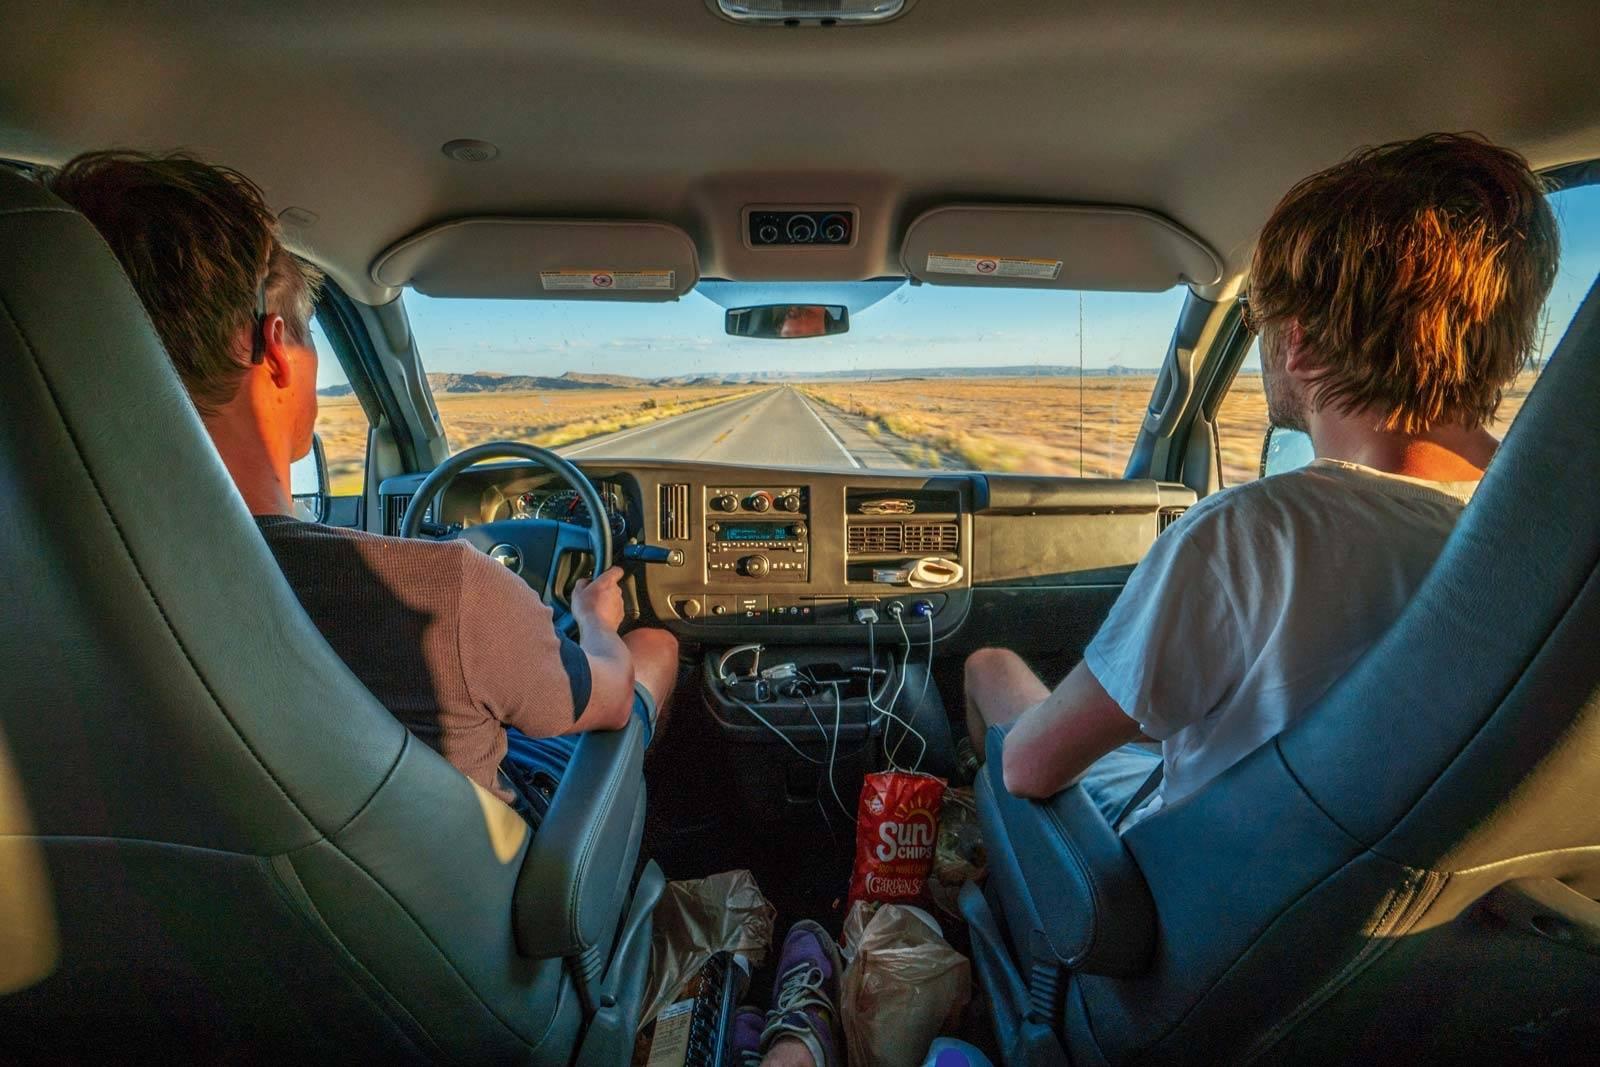 Stisykling-i-USA-Roadtrip-5